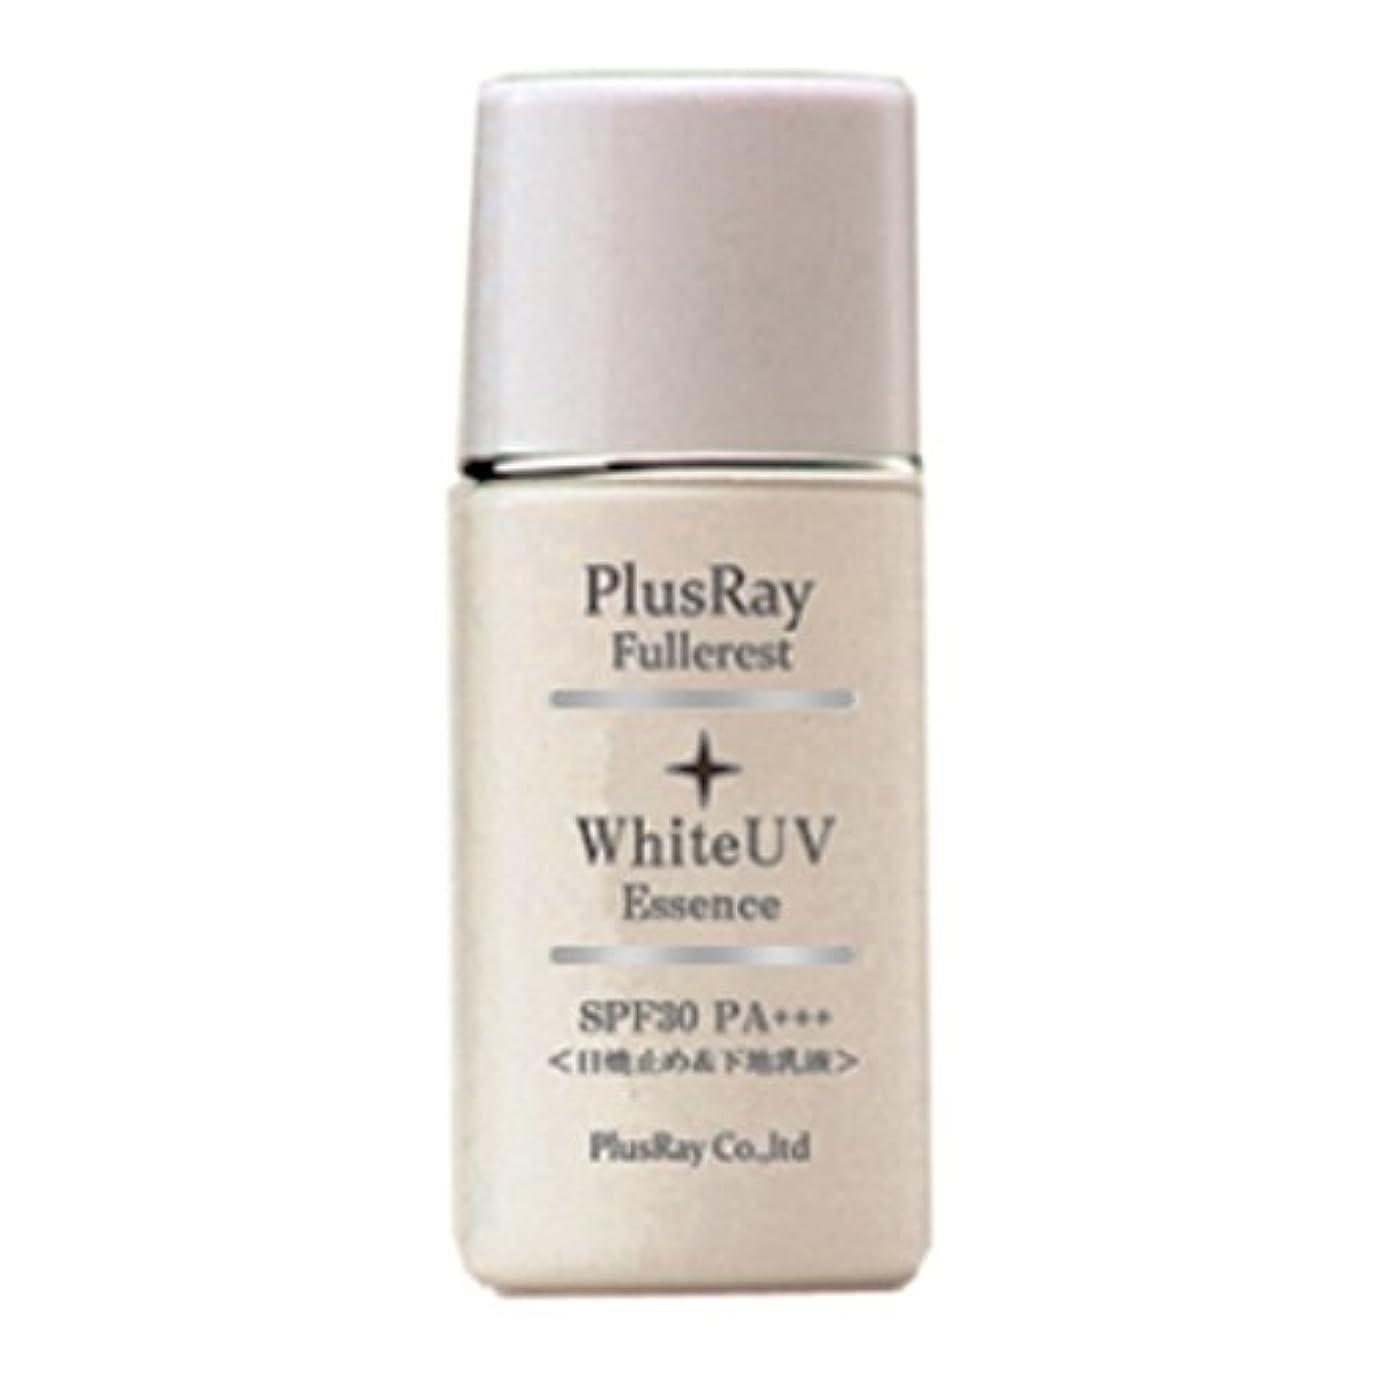 事件、出来事ブルゴーニュおっとプラスレイ(PlusRay)化粧品 フラーレスト ホワイト UV エッセンス 化粧下地 紫外線対策 A波 B波 対応 乳液タイプ